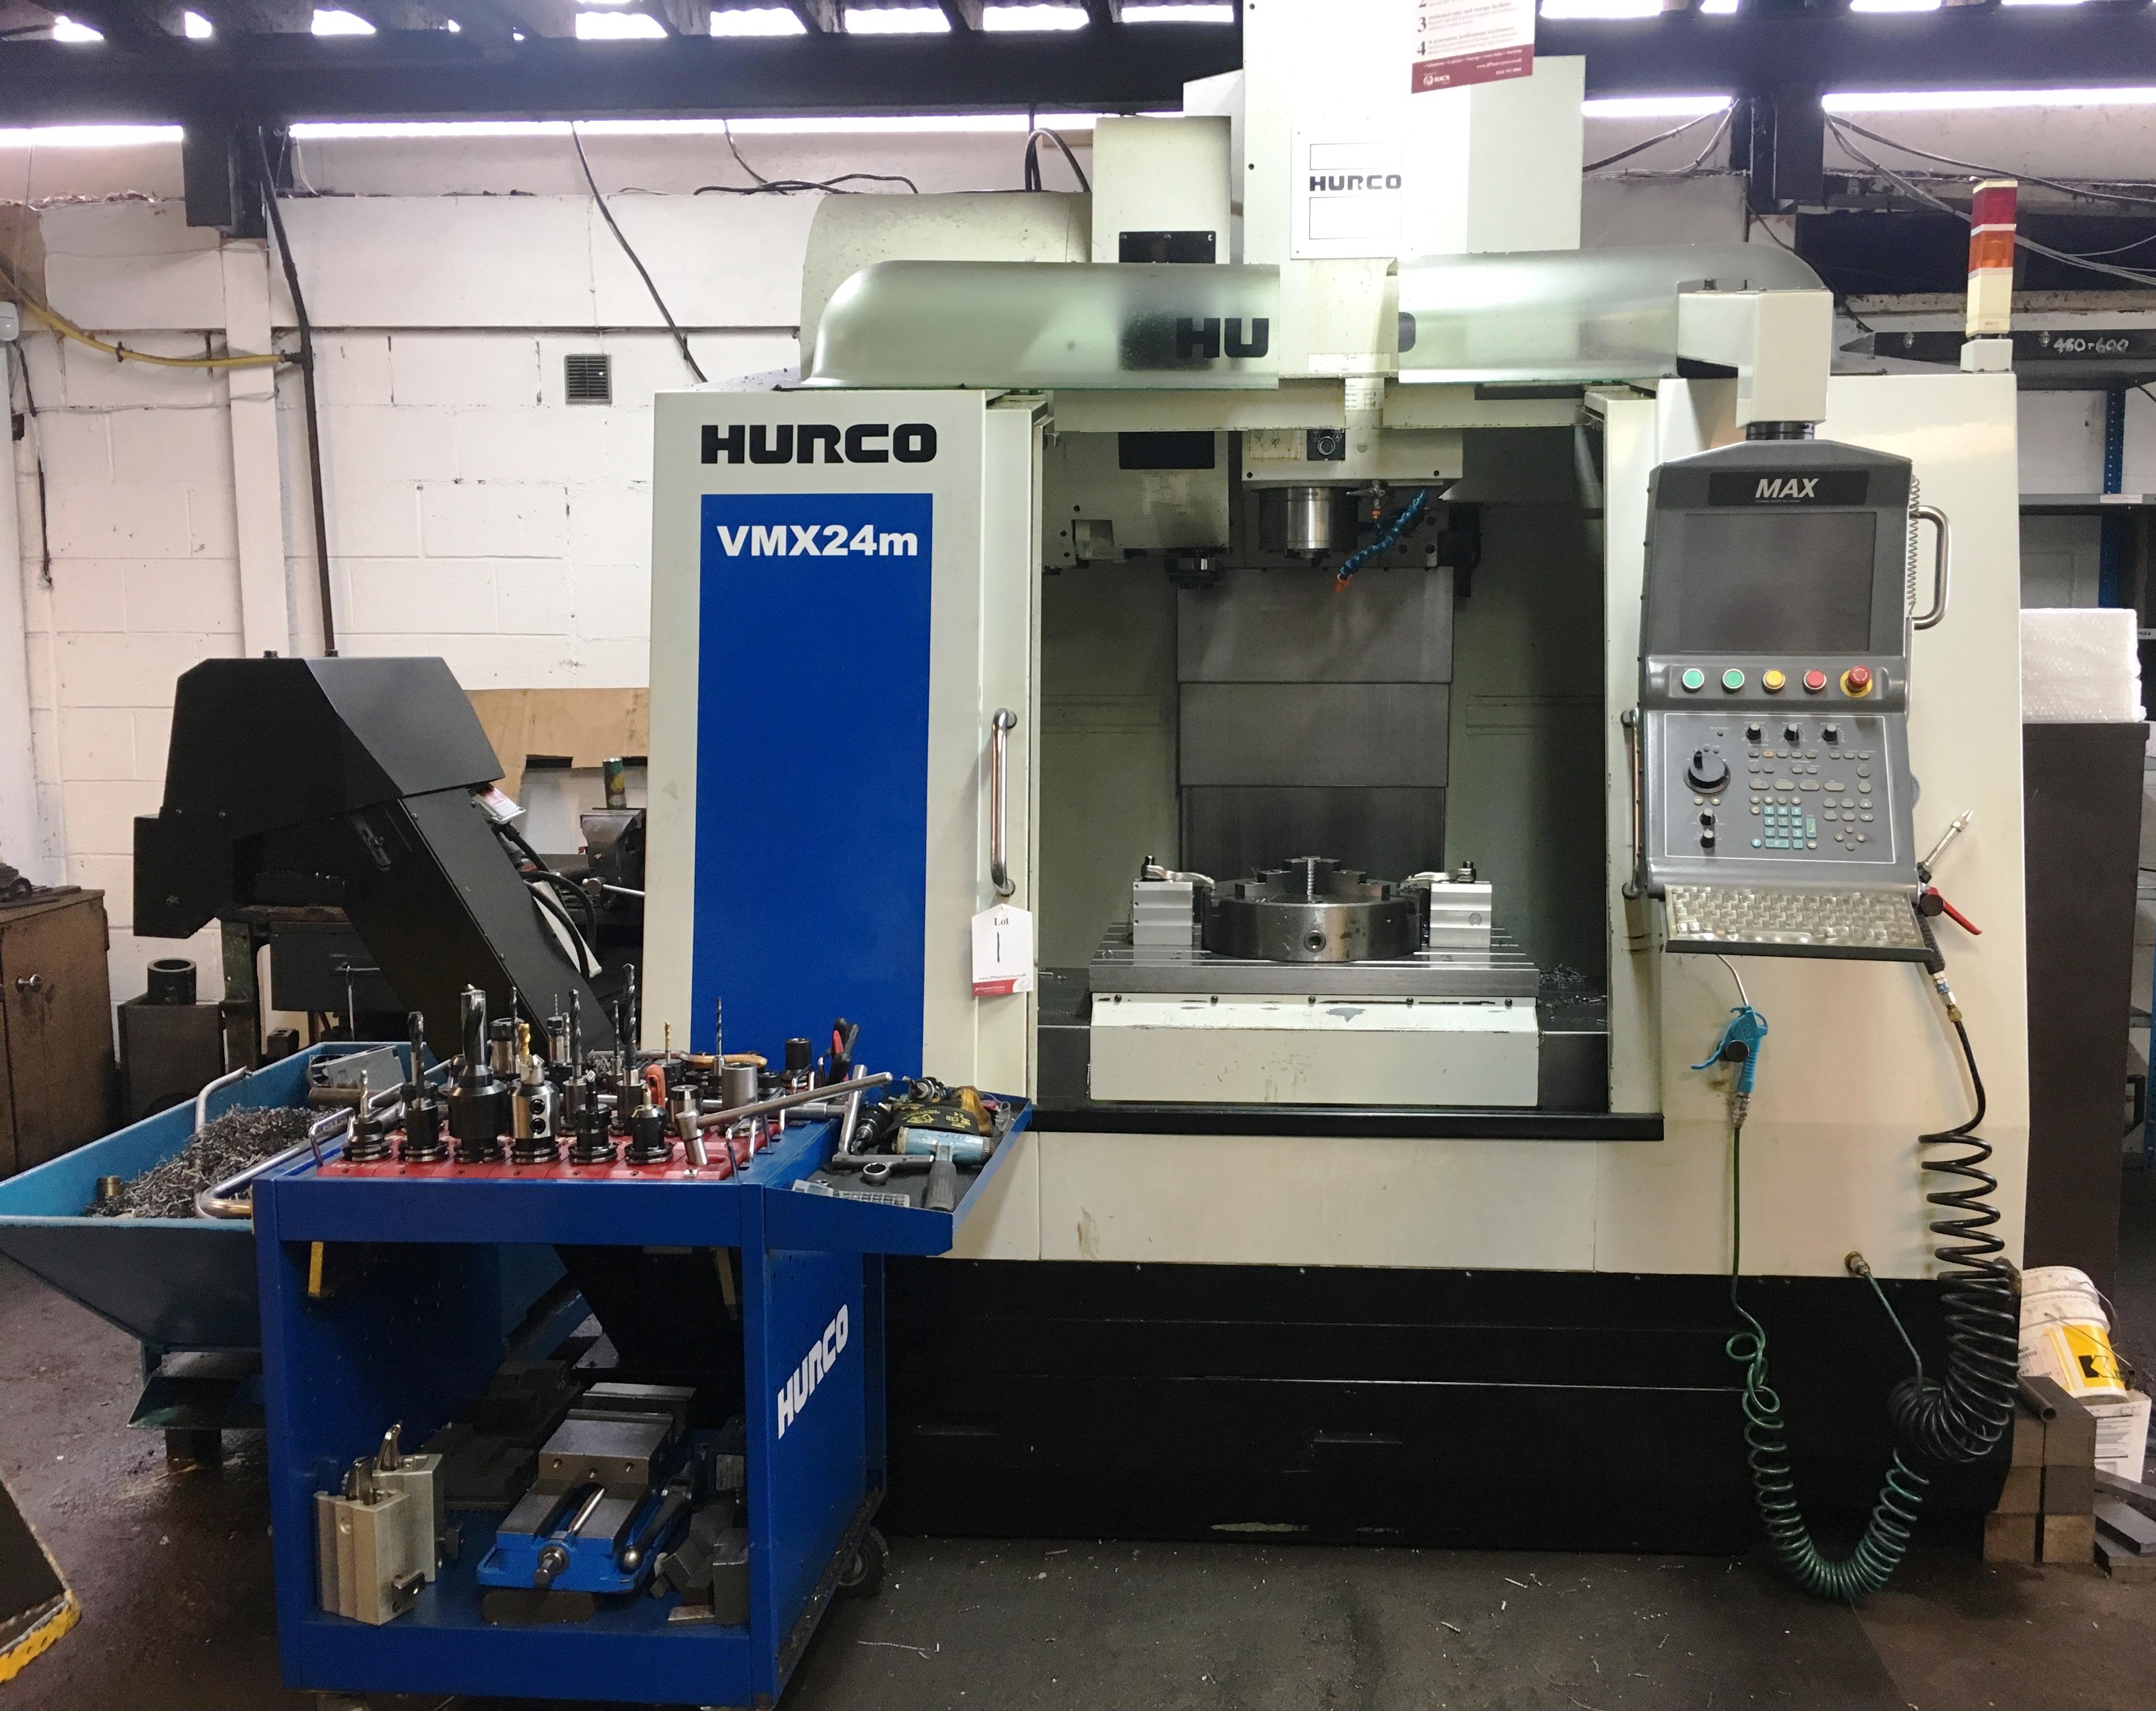 Hurco VMX24m CNC Vertical Machining Centre | YOM: 2010